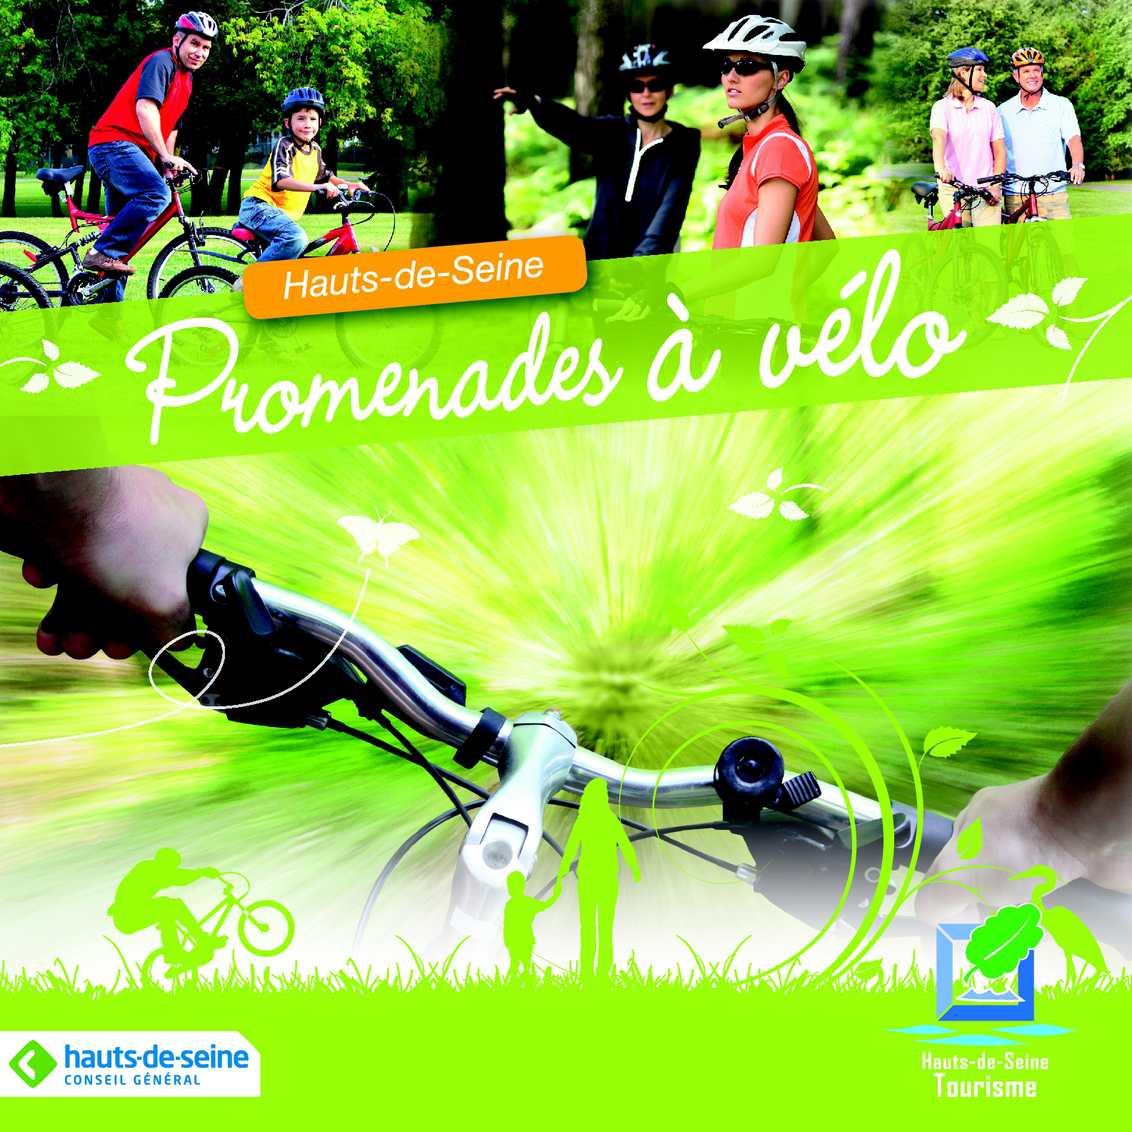 HAUTS-DE-SEINE, Promenades à vélo.